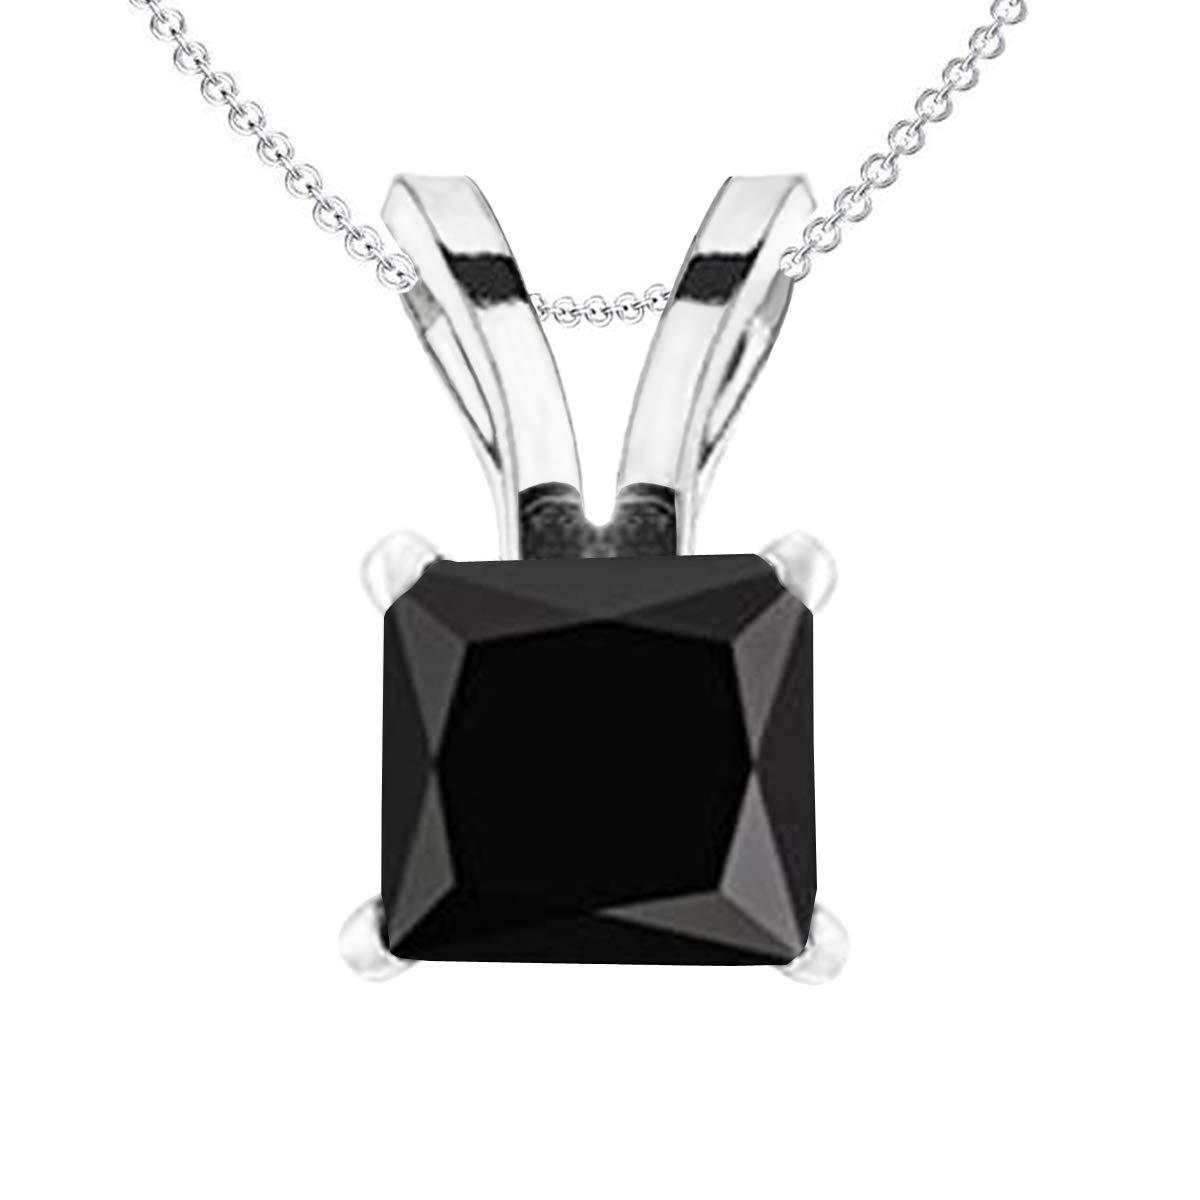 10K Gold Princess Cut Black Diamond Ladies Solitaire Pendant